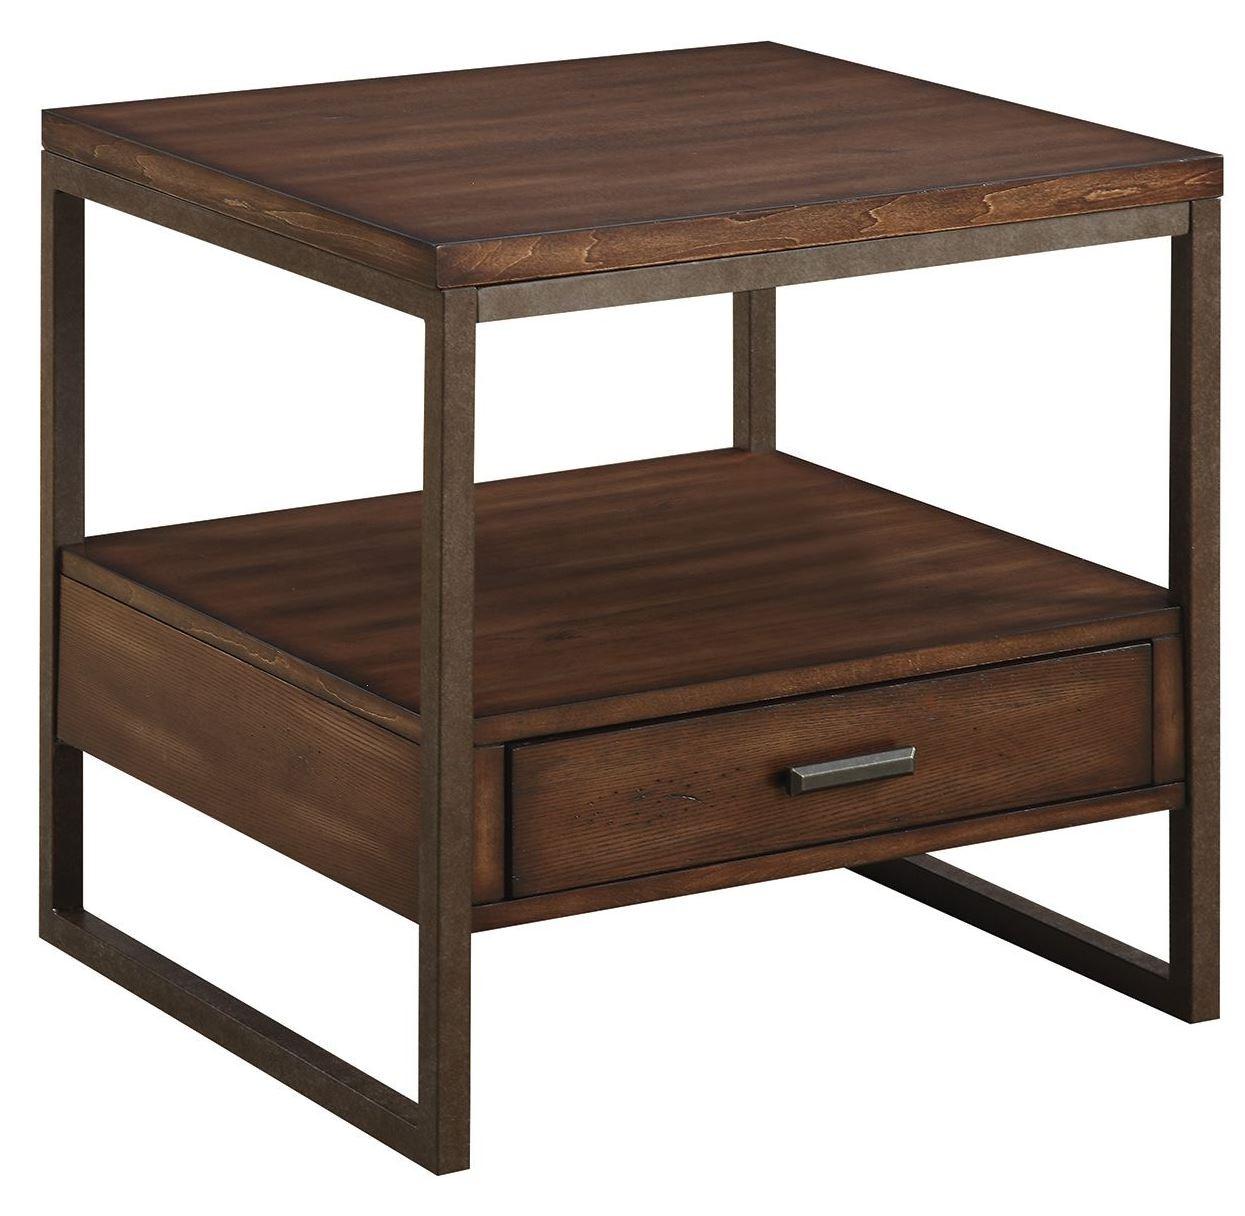 Ellery rustic brown metal end table from coaster